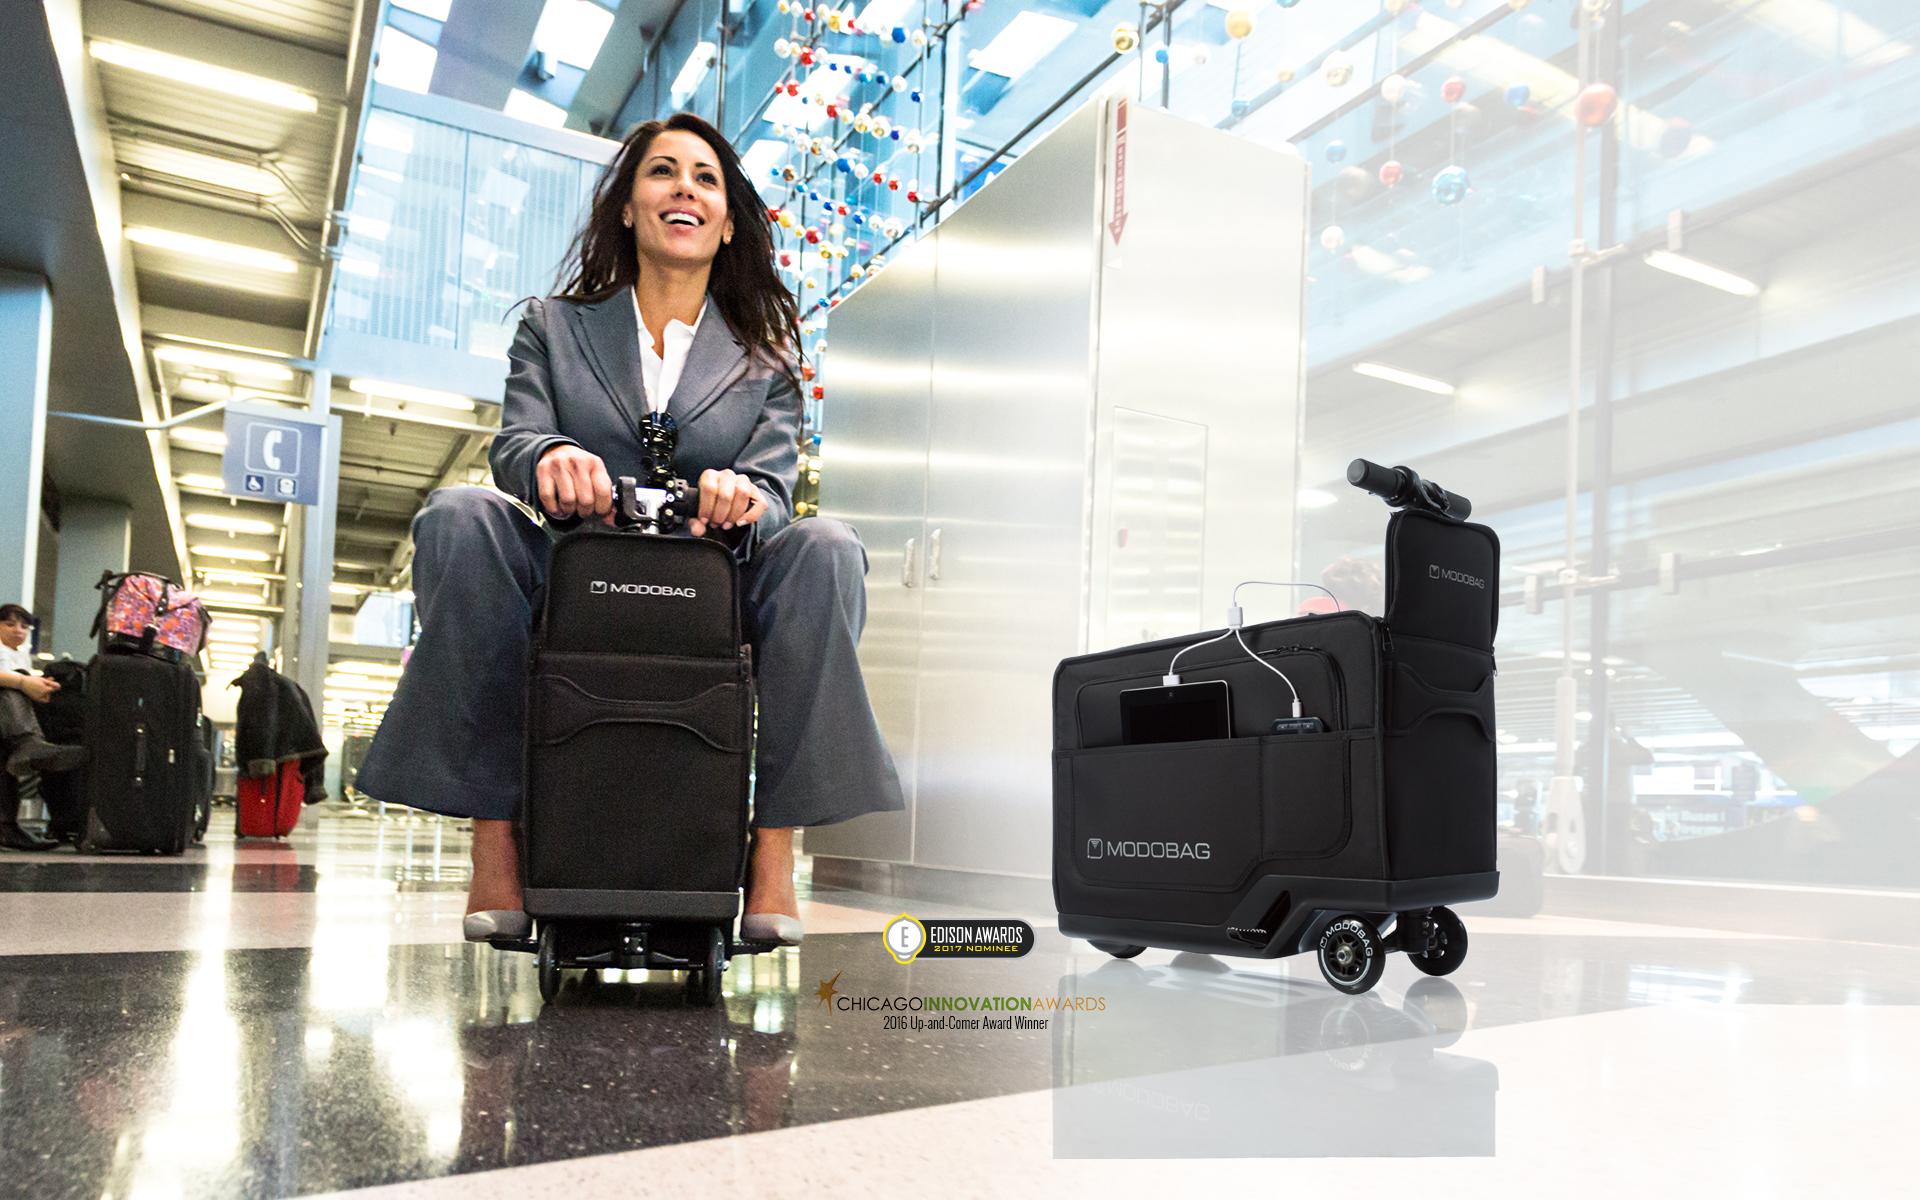 фото девушки на чемодане